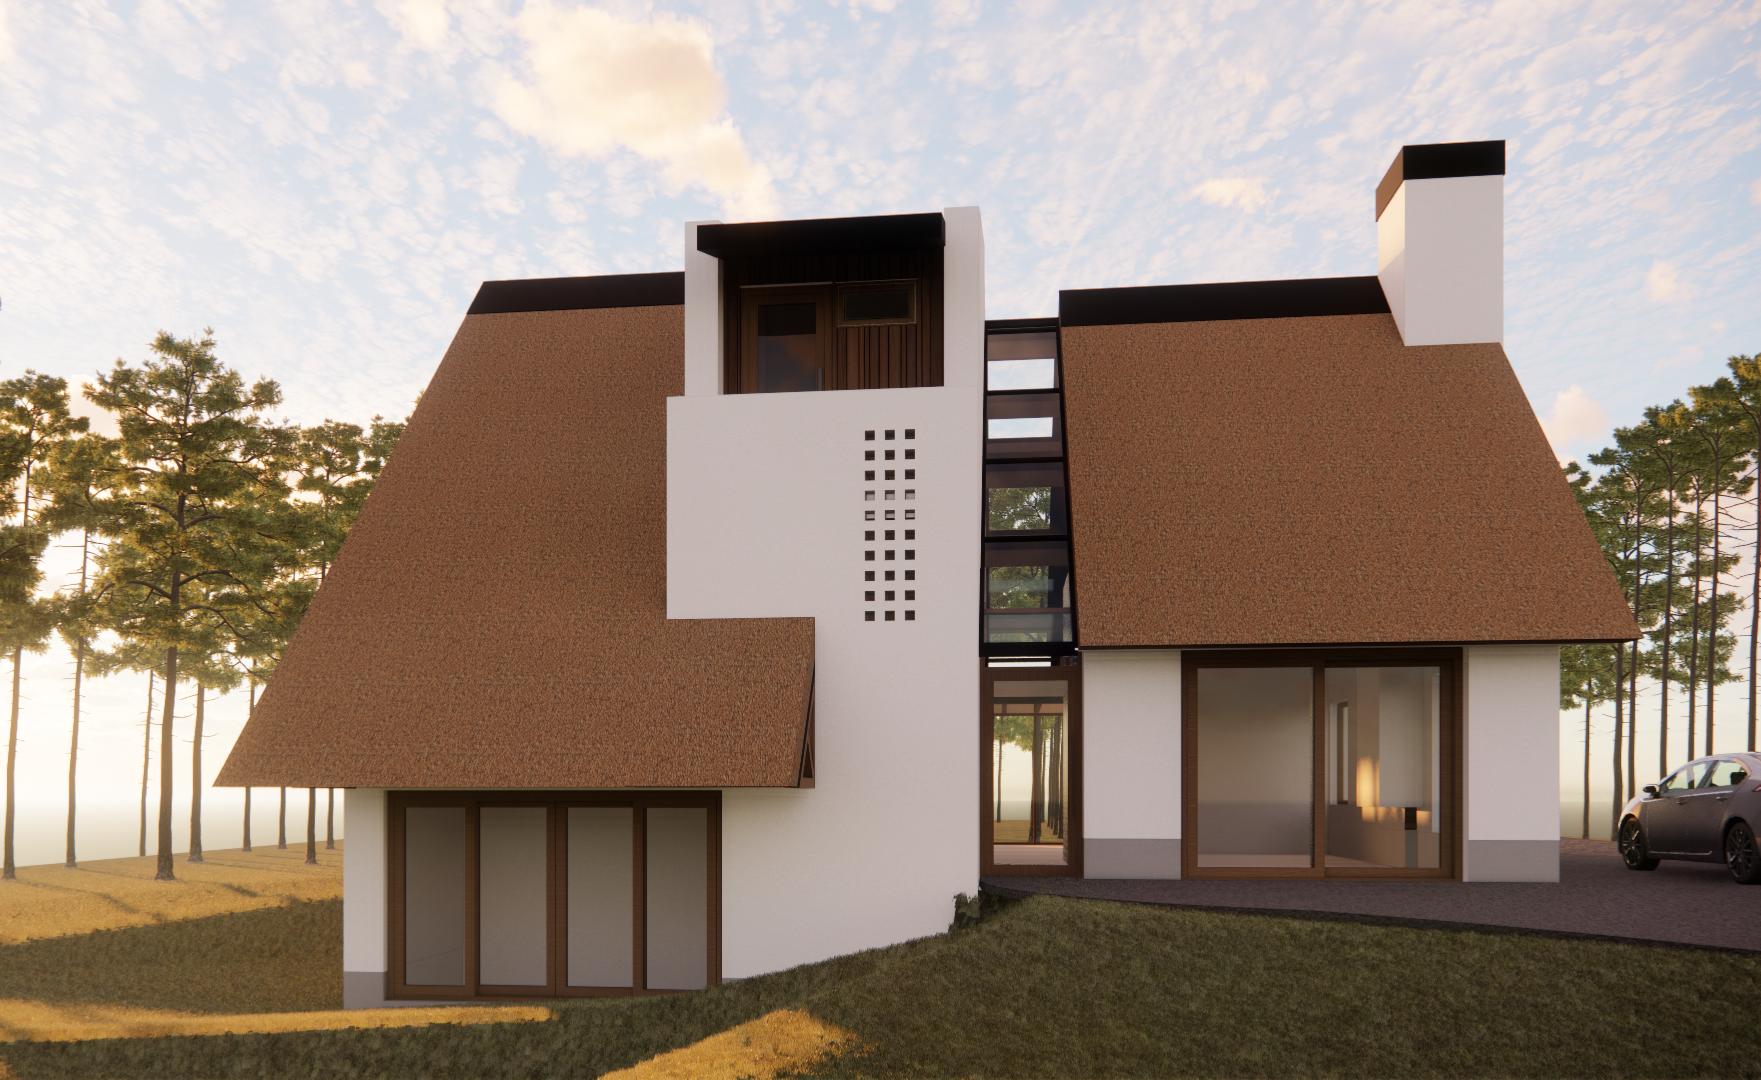 jeroen_de_nijs_vlieland_ontwerp_architect_interiorarchitect_render